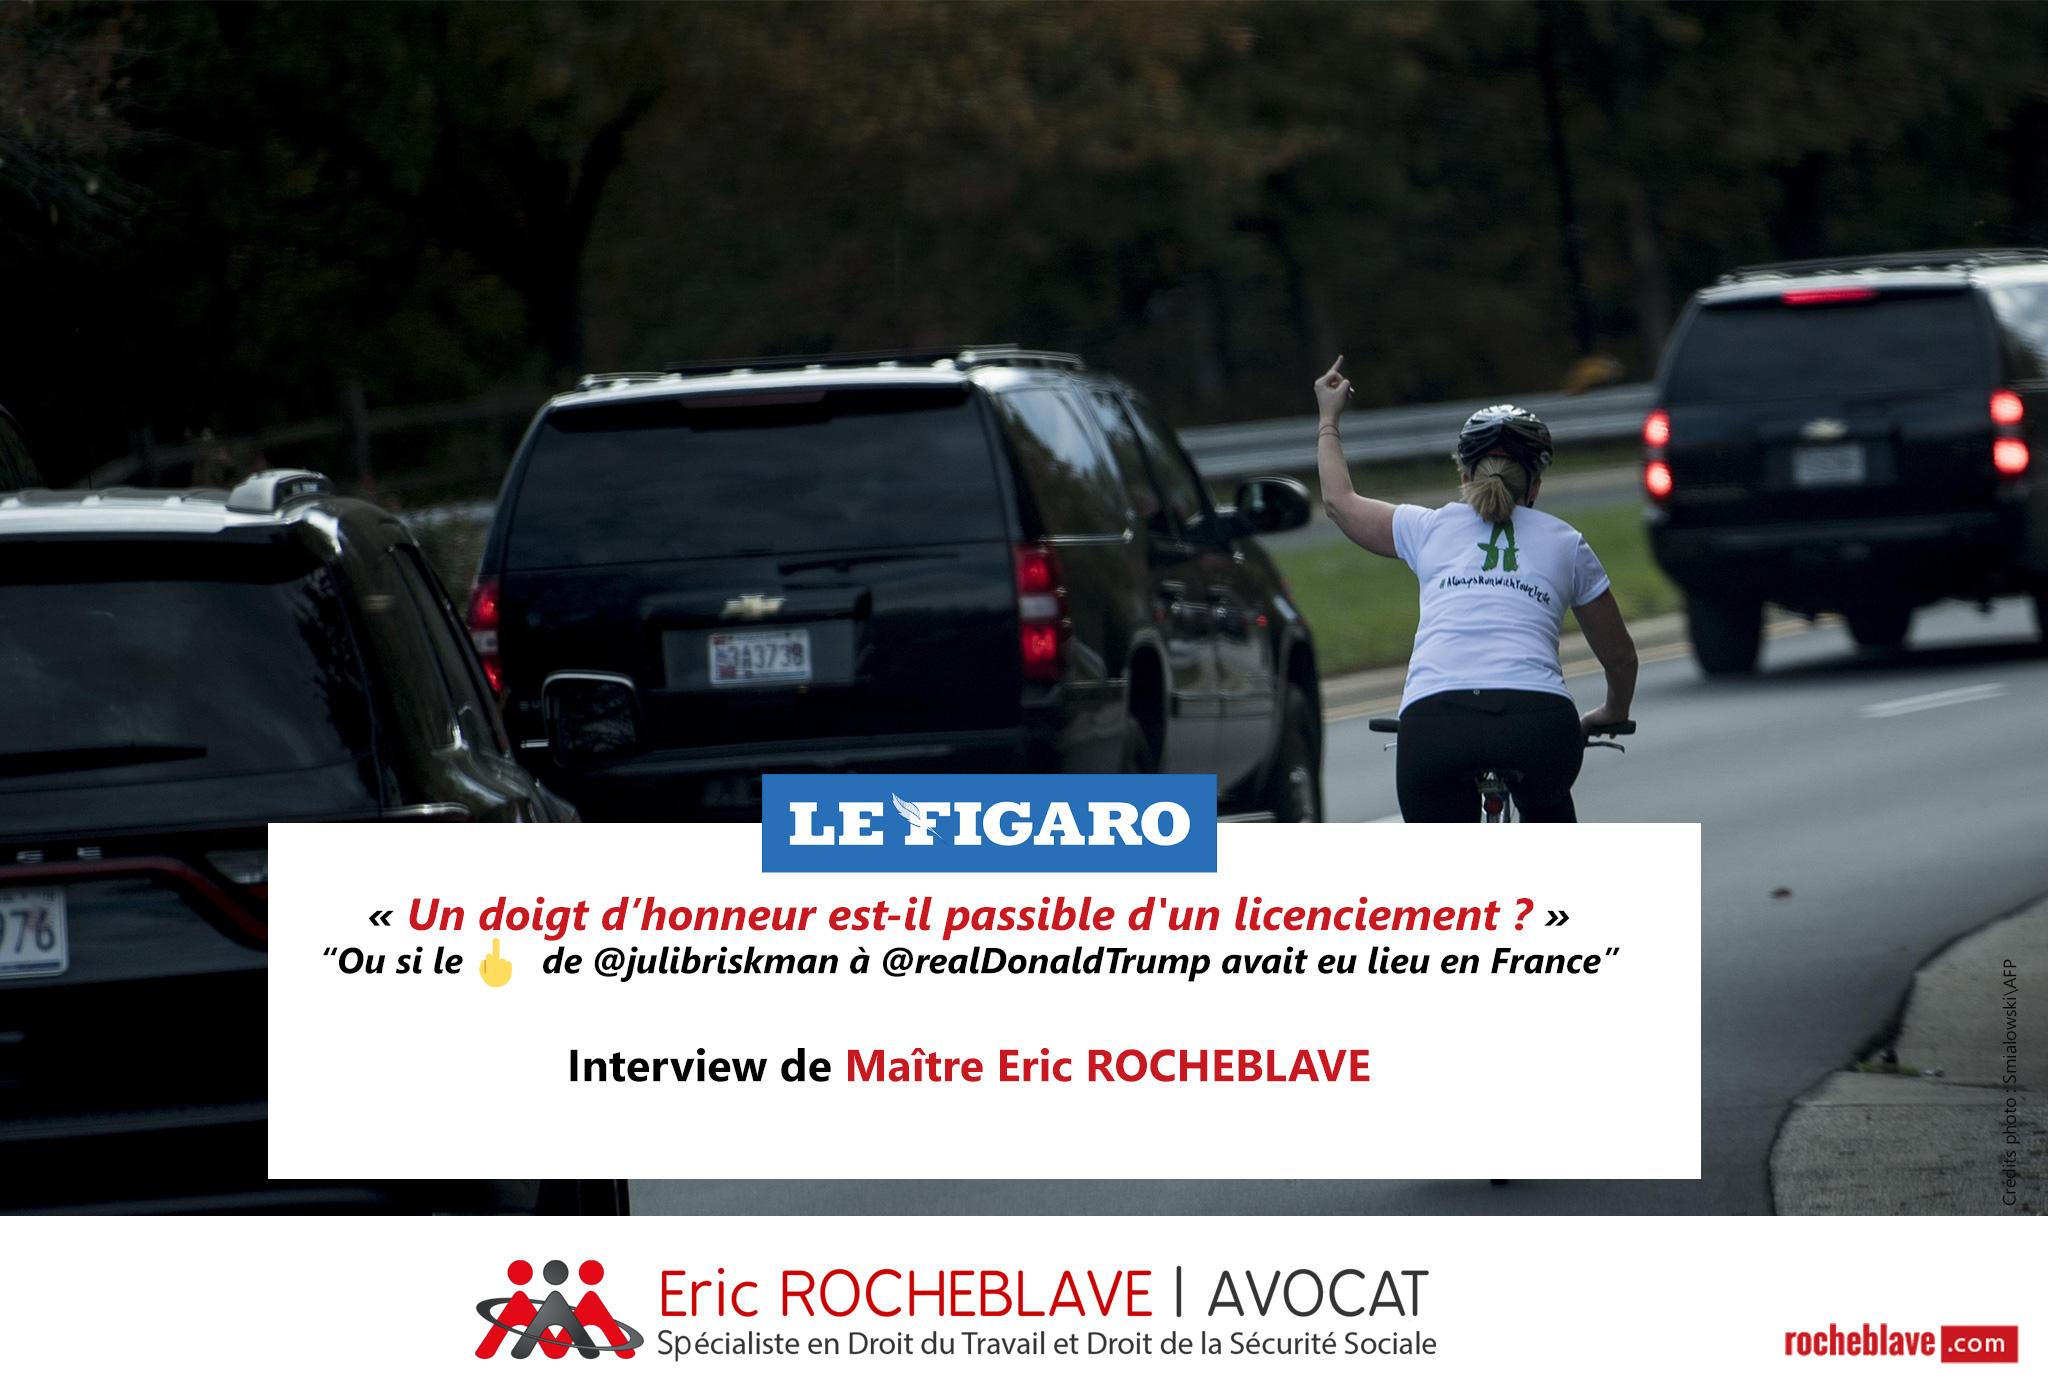 « Un doigt d'honneur est-il passible d'un licenciement ? » Interview de Maître Eric ROCHEBLAVE | Le Figaro